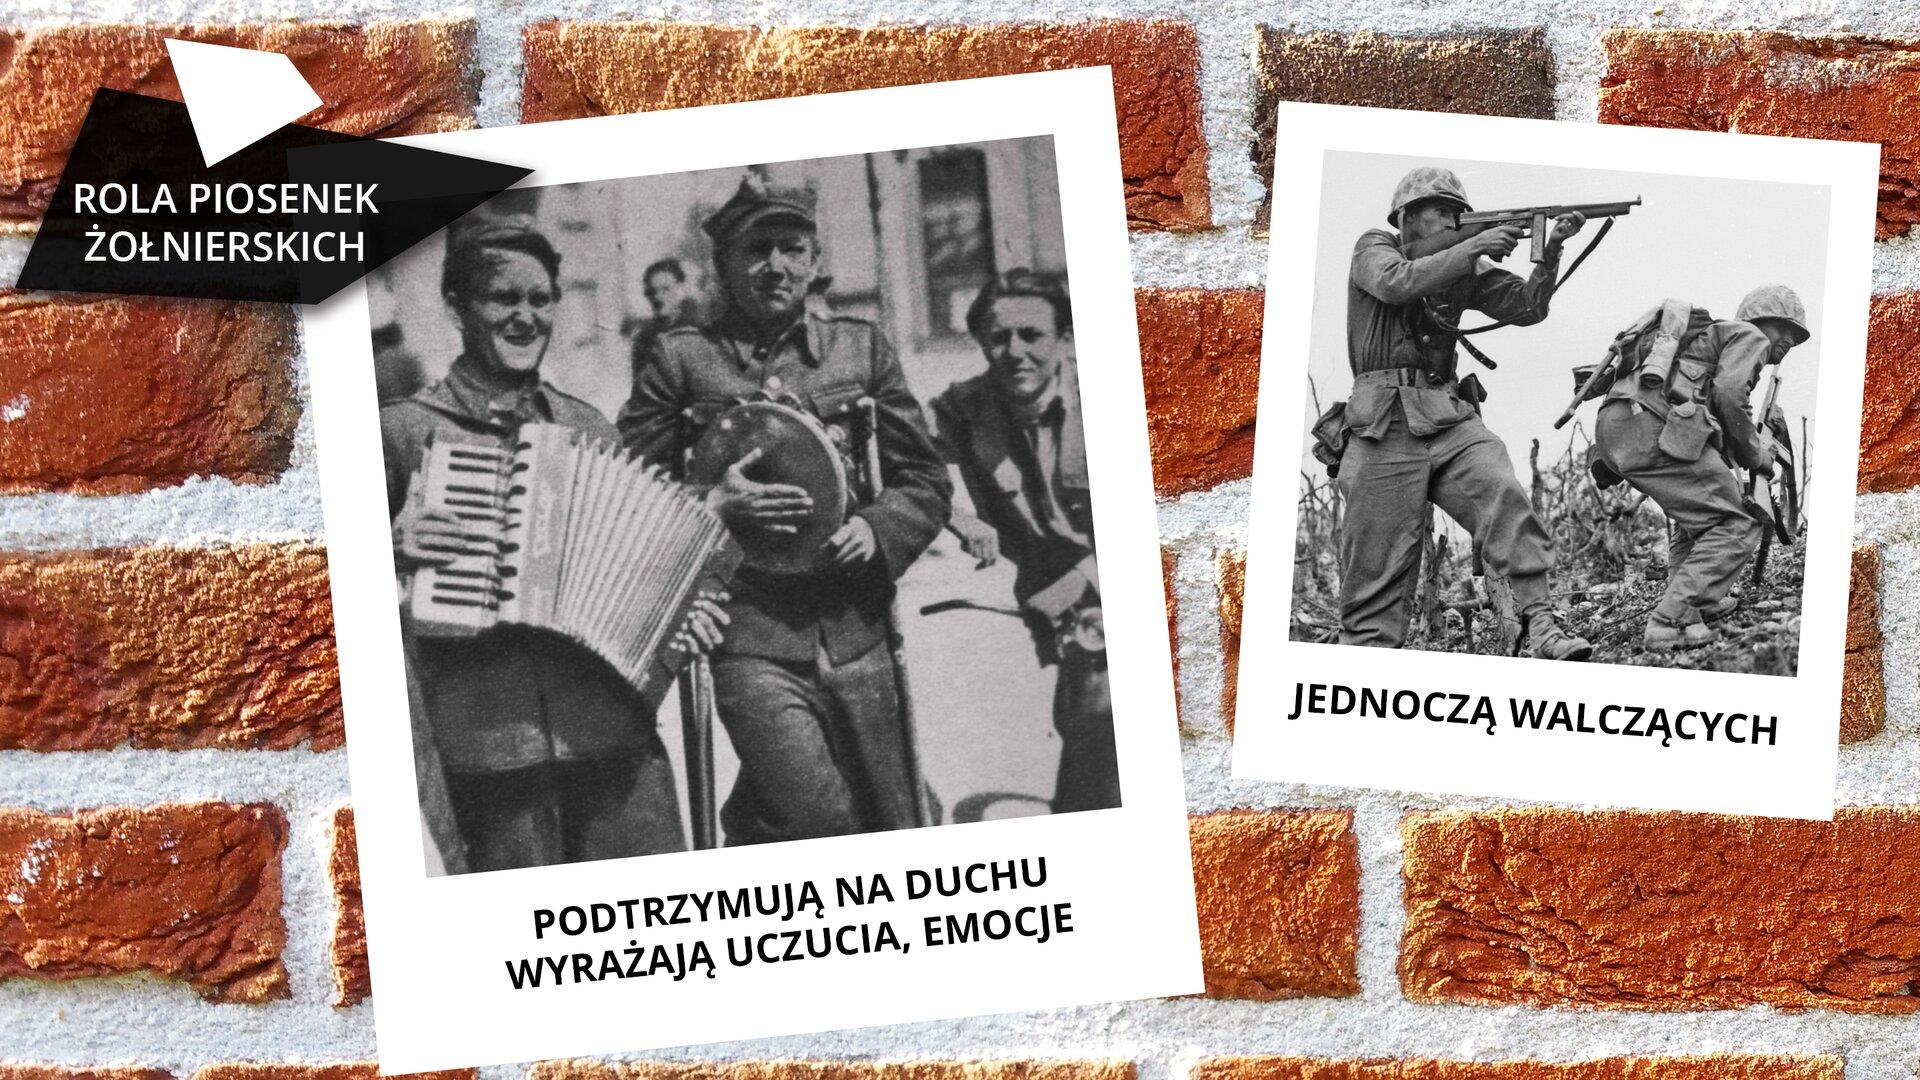 """Na ekranie, na ceglastym tle przedstawione są dwa czarno-białe zdjęcia. Zdjęcia są różnej wielkości. Zlewej strony znajduje się napis: """"ROLA PIOSENEK ŻOŁNIERSKICH"""". Pierwsze zdjęcie przedstawia trzech żołnierzy. Pierwszy znich gra na akordeonie, drugi, ubrany wczapkę rogatywkę, gra na dużym tamburynie, trzeci mężczyzna zzaczesanymi do góry włosami przysłuchuje się dwóm grającym. Pod zdjęciem jest zapisane: """"PODTRZYMUJĄ NA DUCHU, WYRAŻAJĄ UCZUCIA, EMOCJE"""". Druga, mniejsza fotografia, przedstawia żołnierzy wmundurach ihełmach. Jeden znich celuje zkarabinu. Drugi kuca, ana plecach ma nałożony ekwipunek, plecak, menażkę. Wręku trzyma karabin, ale nie celuje."""